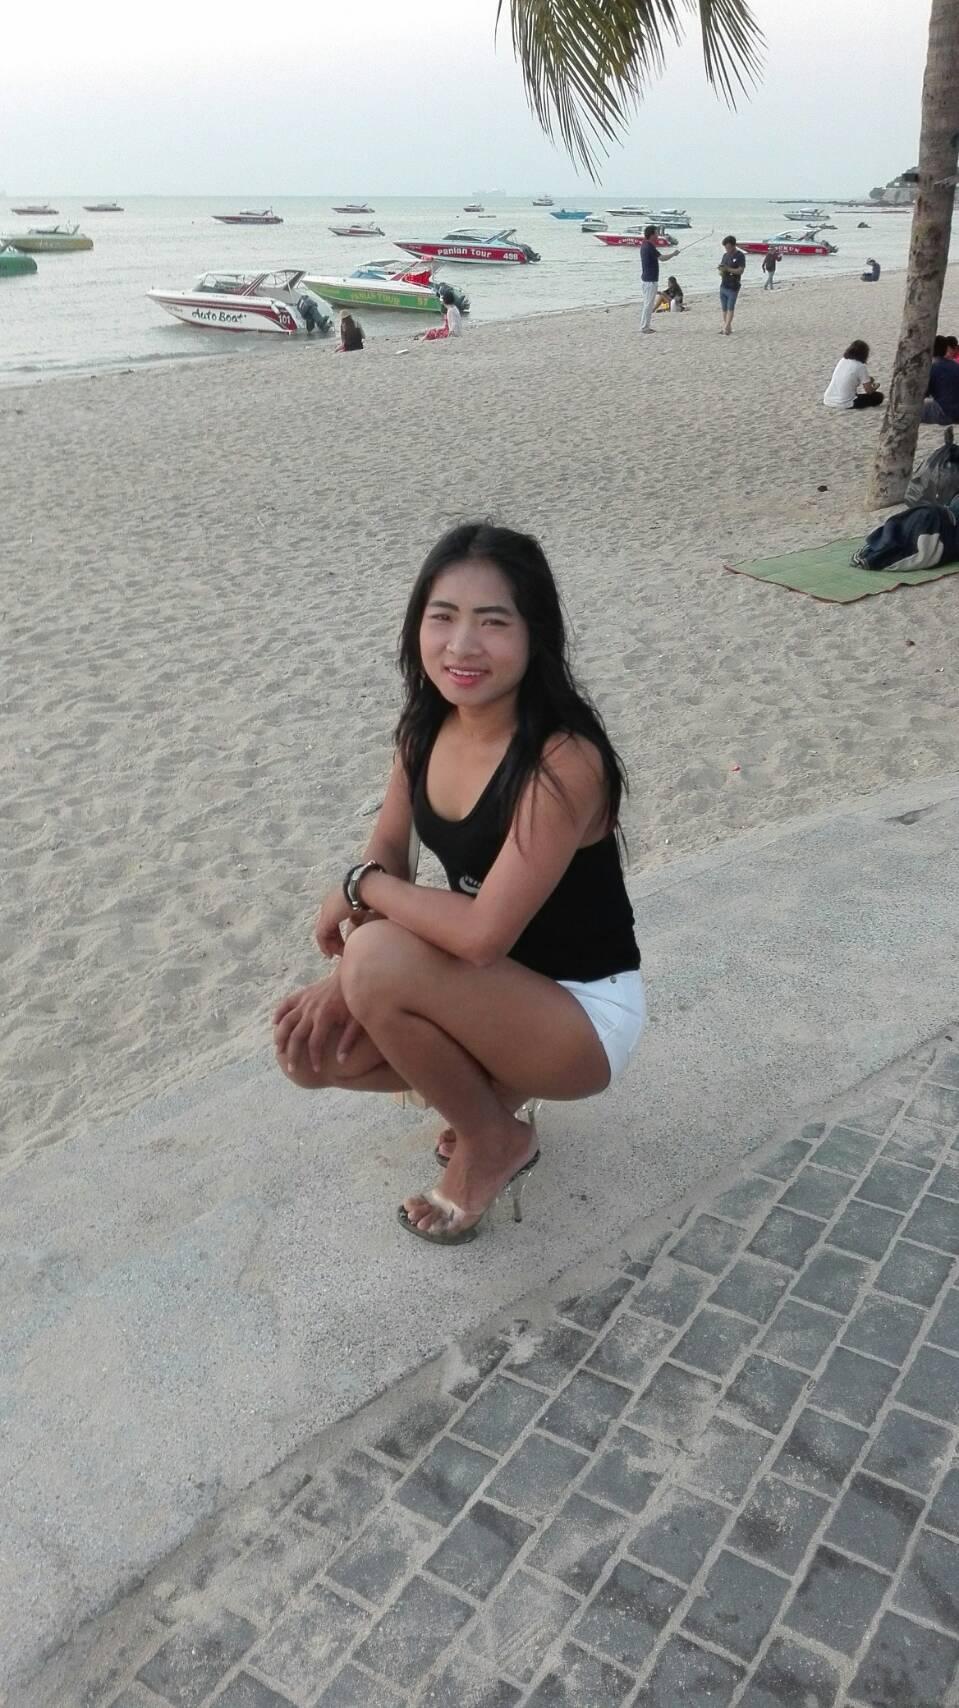 landeveissykkel dame thailand escort agency